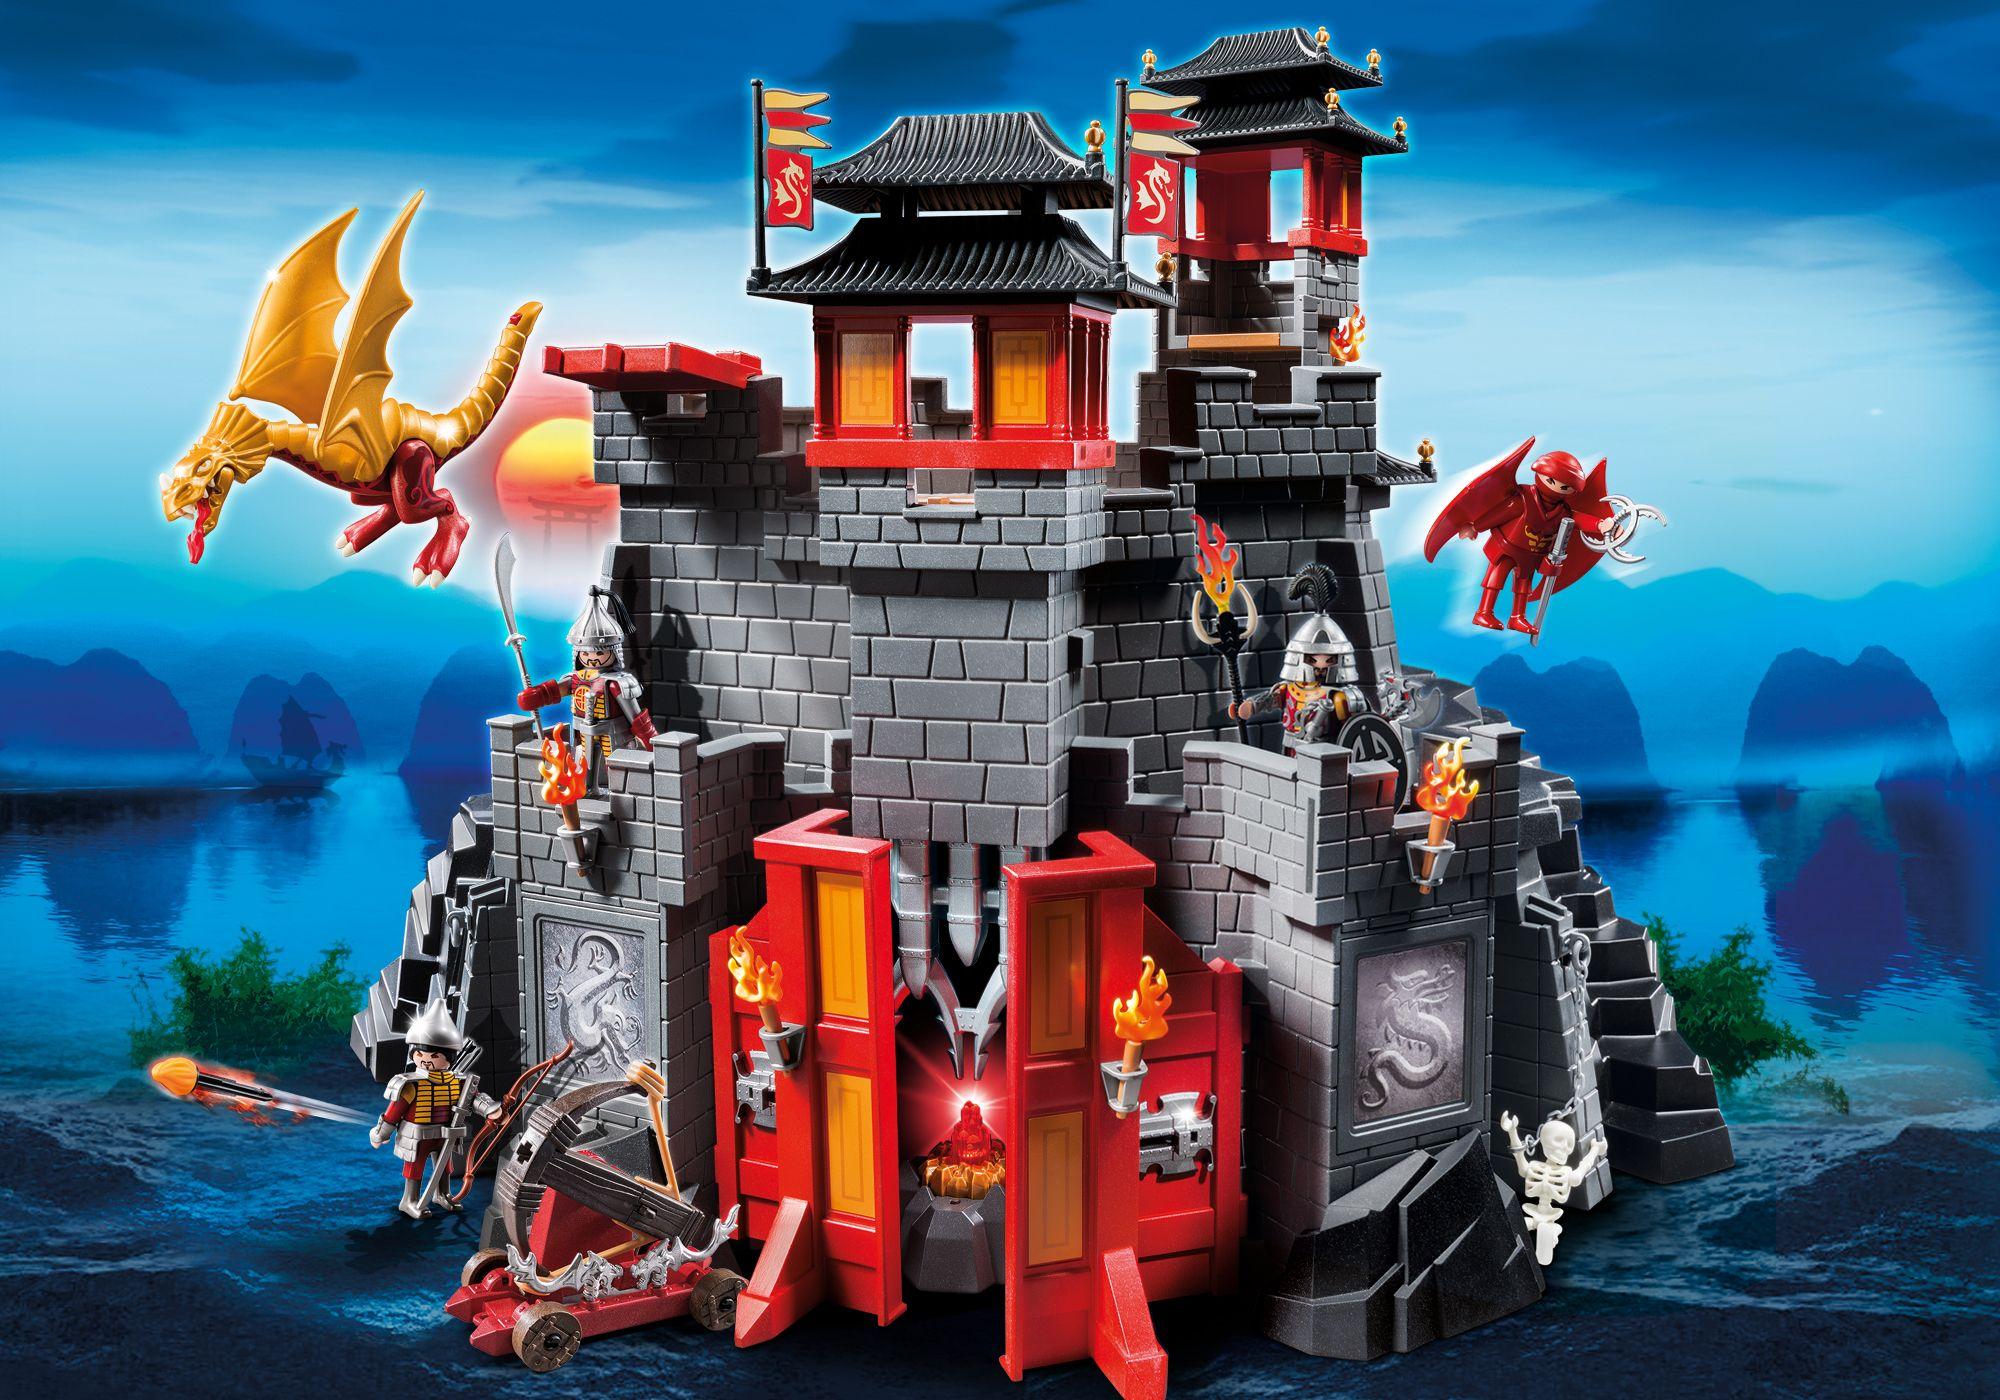 «Азиатский дракон» - Восточный замок с золотым ДракономДраконы и рыцари<br>«Азиатский дракон» - Восточный замок с золотым Драконом<br>